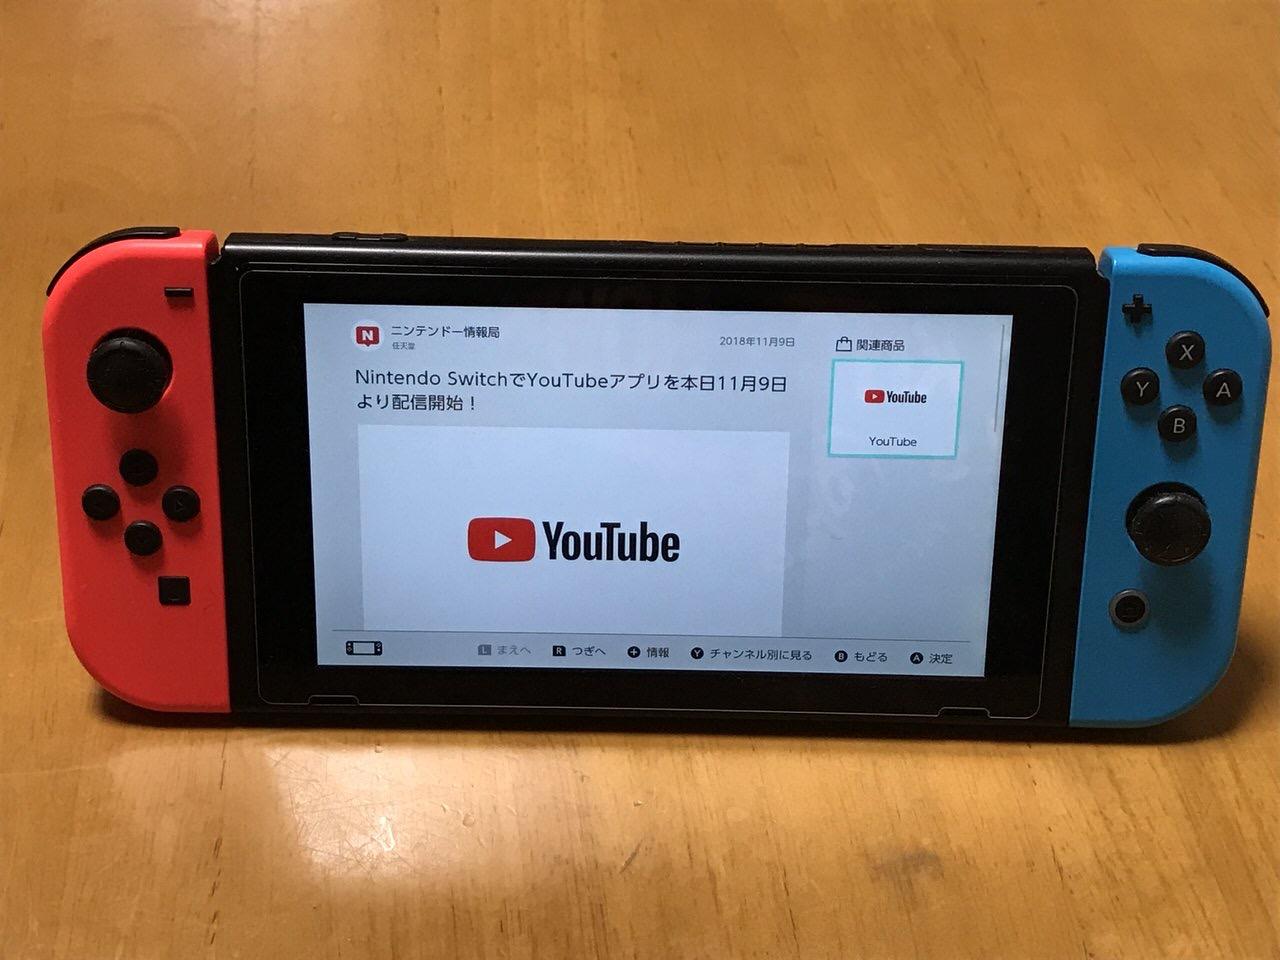 ニンテンドースイッチ「YouTube」アプリが配信開始